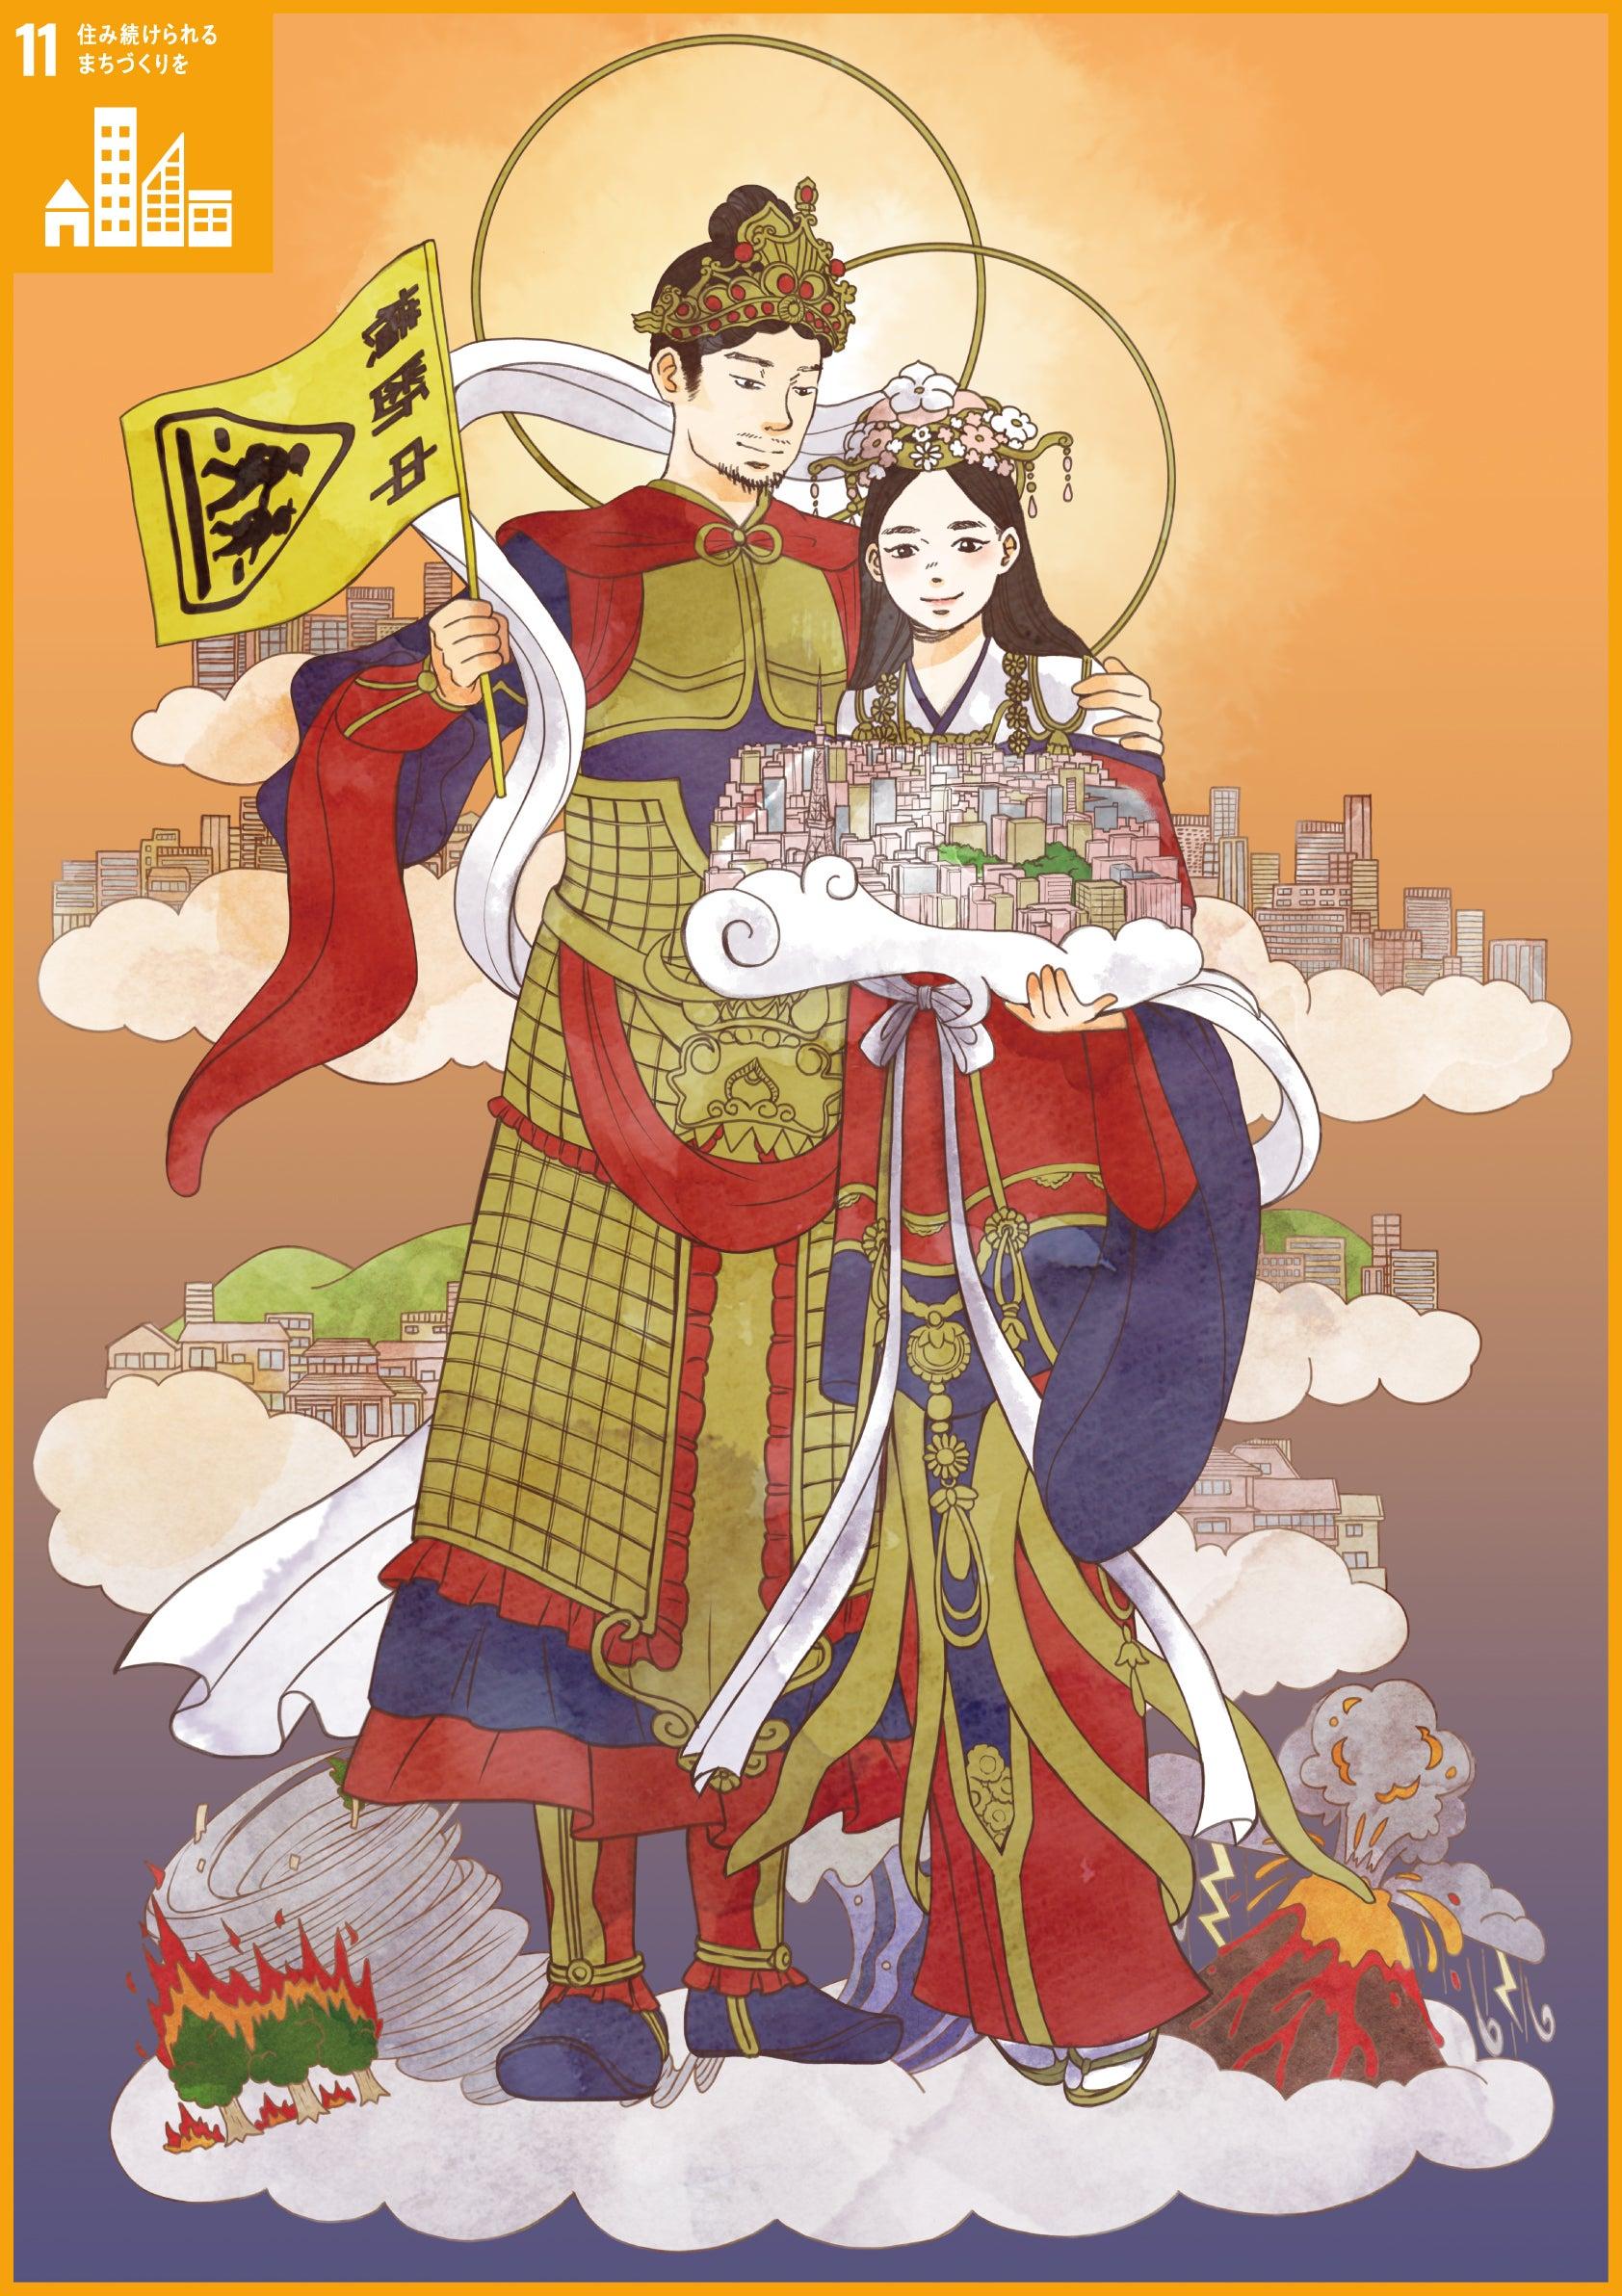 毘沙門天(びしゃもんてん)  邪鬼を追い払い豊かさを授けると言われる、仏教世界や城郭の守り神。